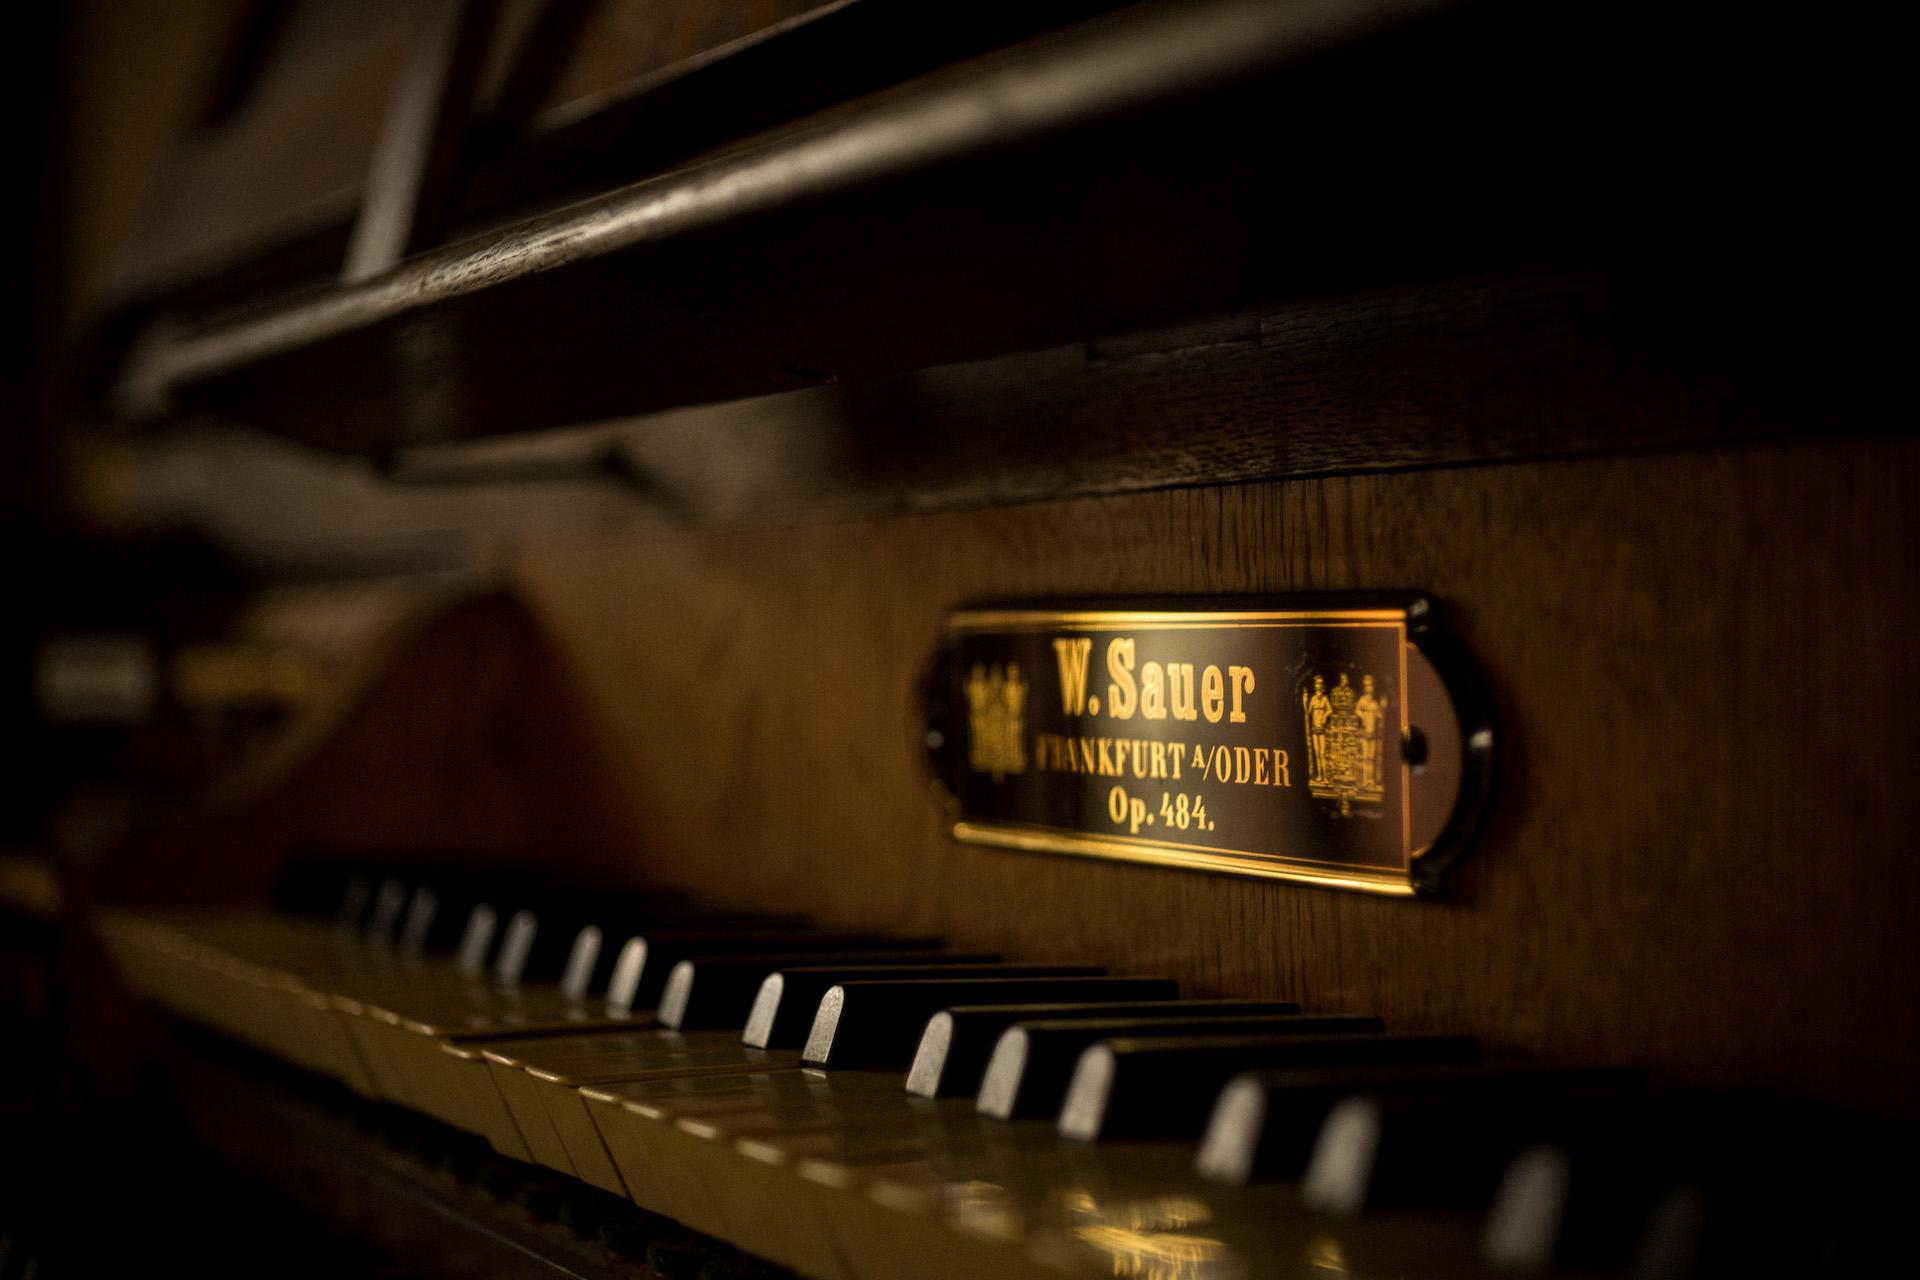 Sauer im Westen 2  - Orgelkonzert an der ältesten  W. Sauer Orgel Sachsens – 08.09.2021, 21.00 Uhr